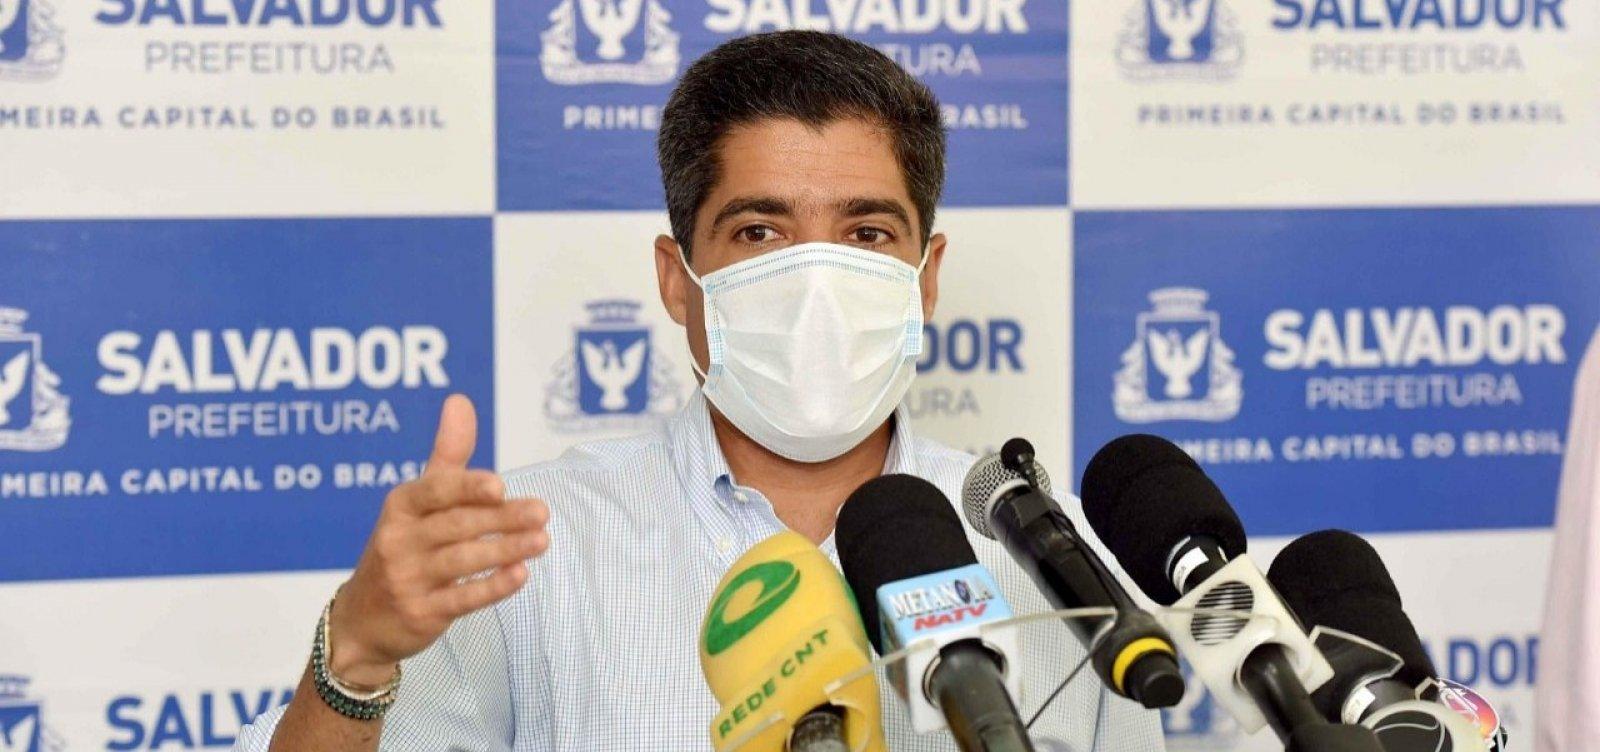 Prefeitura de Salvador volta a adotar medidas mais restritivas em Pernambués, Centro e Cabula